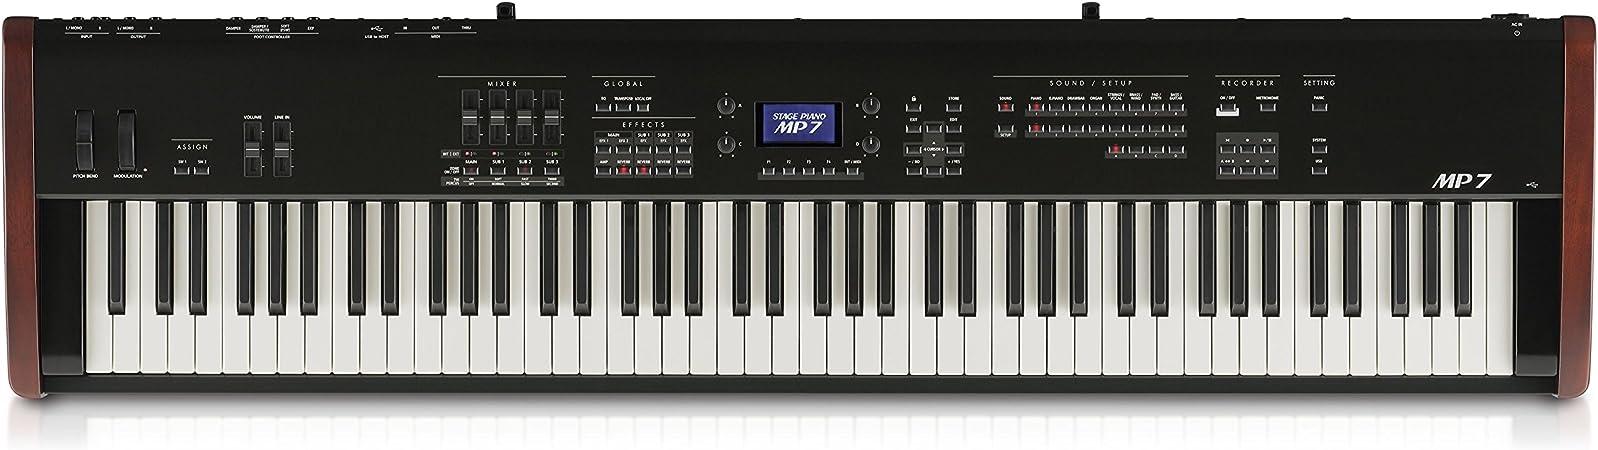 MP-7 Piano de escenario